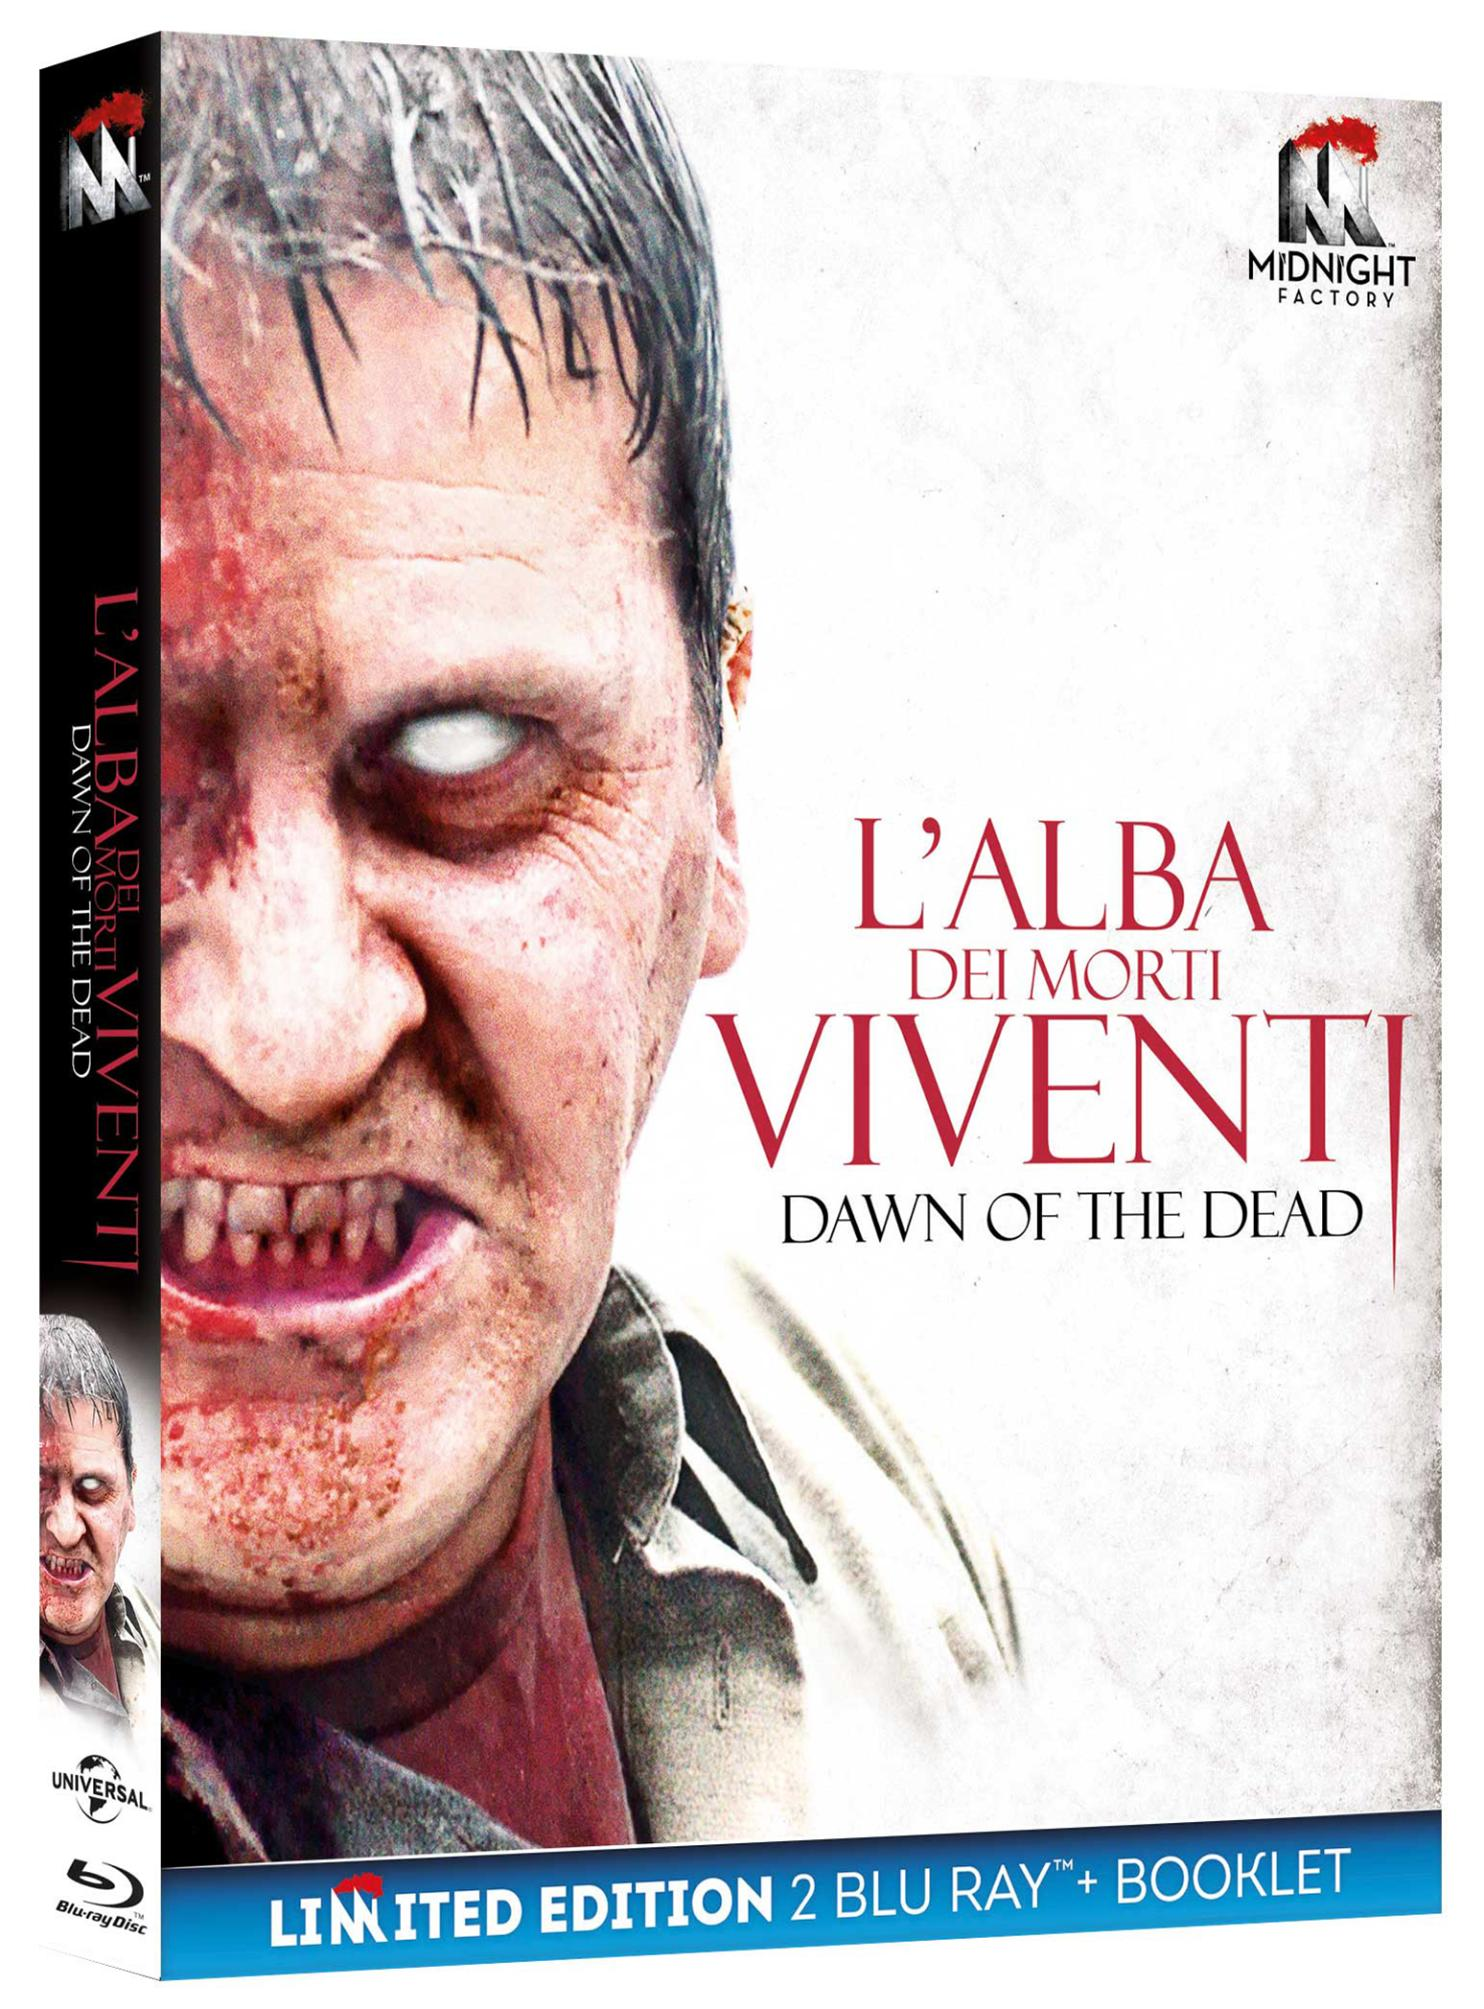 L'ALBA DEI MORTI VIVENTI (2 BLU-RAY+BOOKLET)